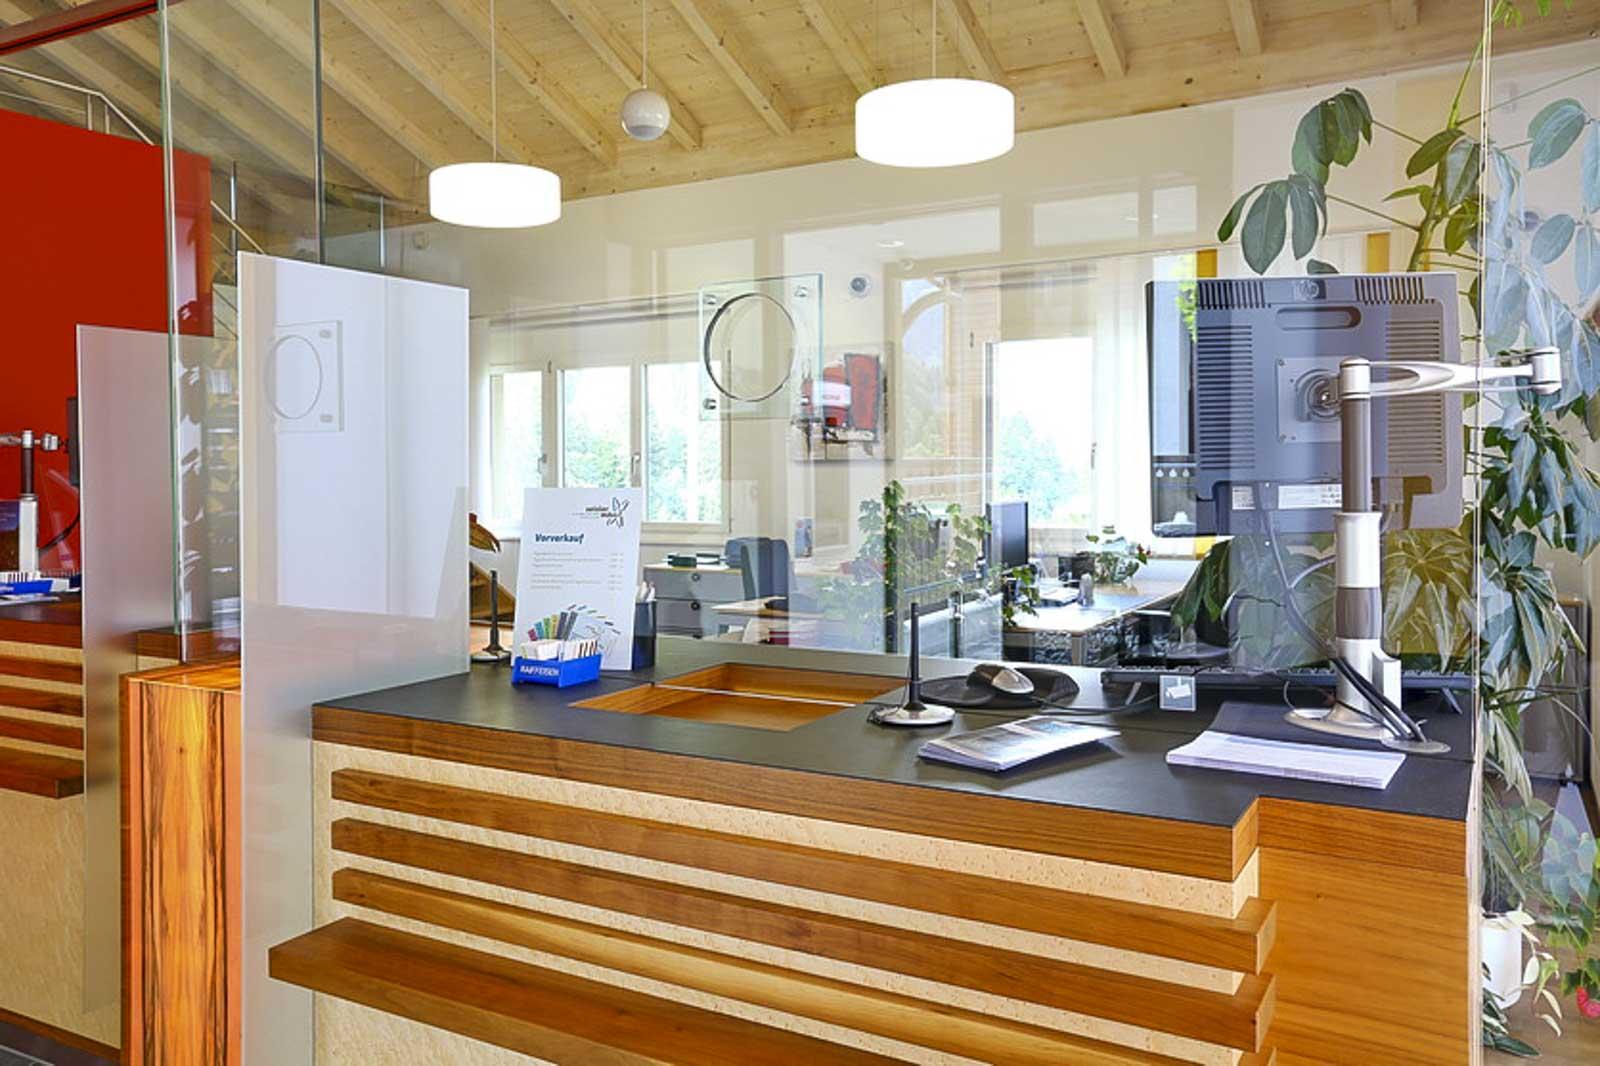 Wooddesign_öffentliche Bauten_Schalteranlage_Raiffeisen Jaun_Panzerglas (6)